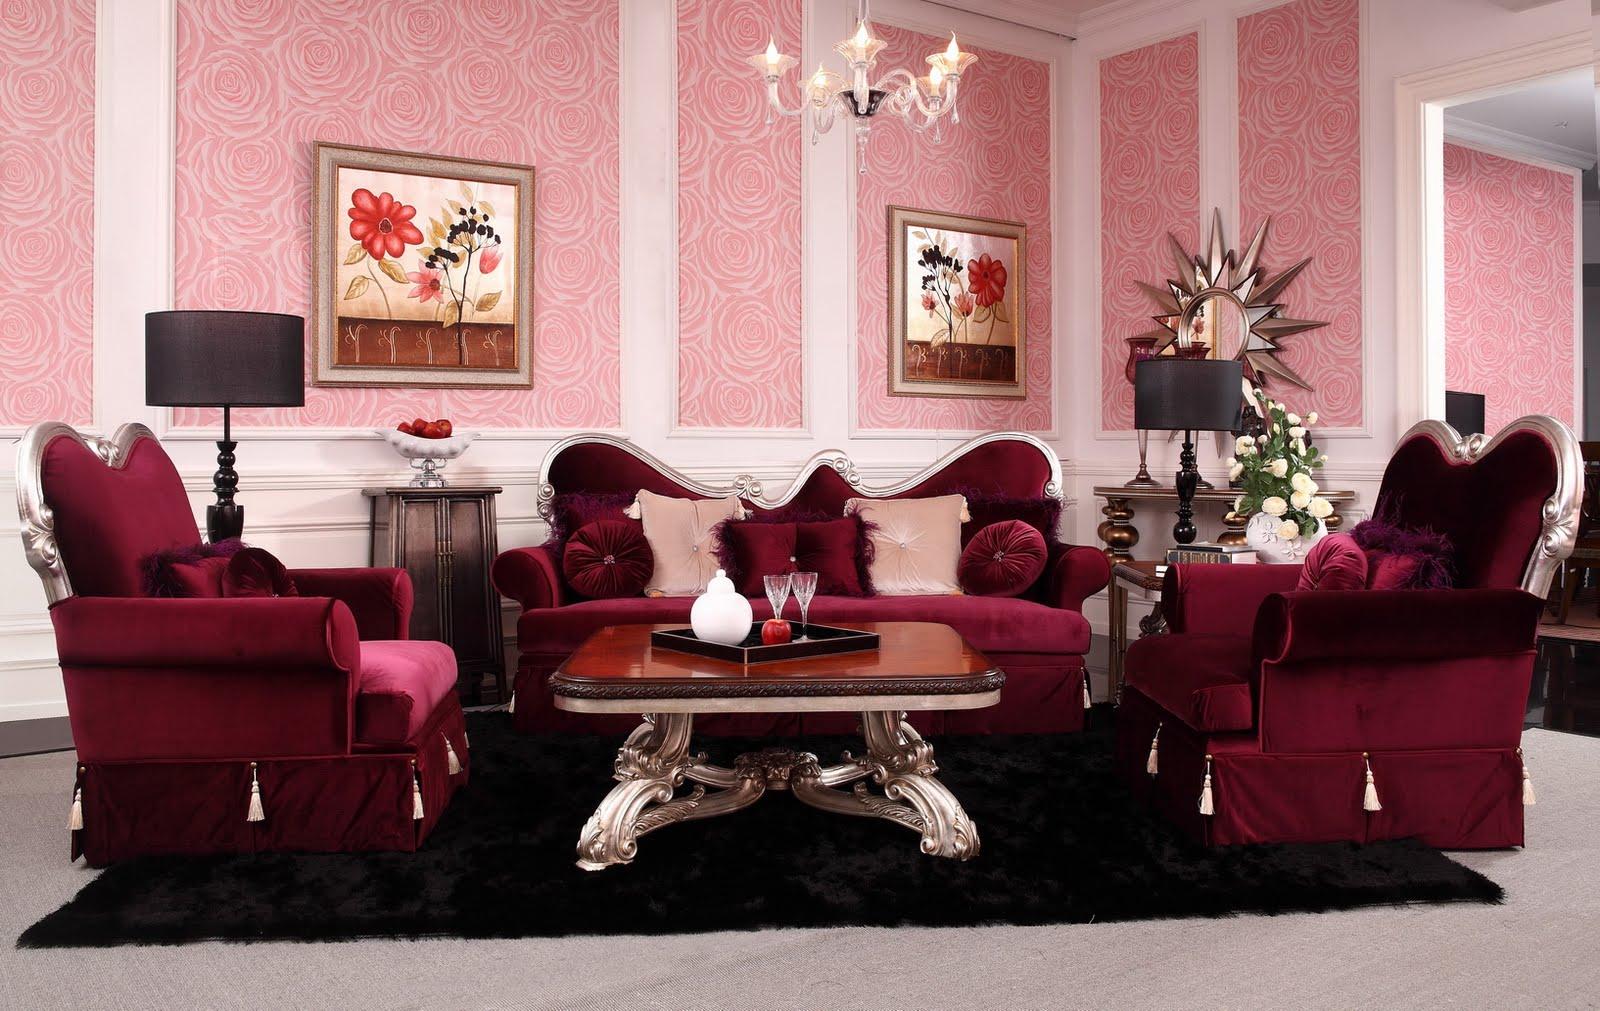 http://1.bp.blogspot.com/-y-ich5X7IXE/UAN3bVpoBYI/AAAAAAAAAUU/zoIclQEm93s/s1600/Da+Vinci+Furniture+Sofa+Wallpaper.jpeg